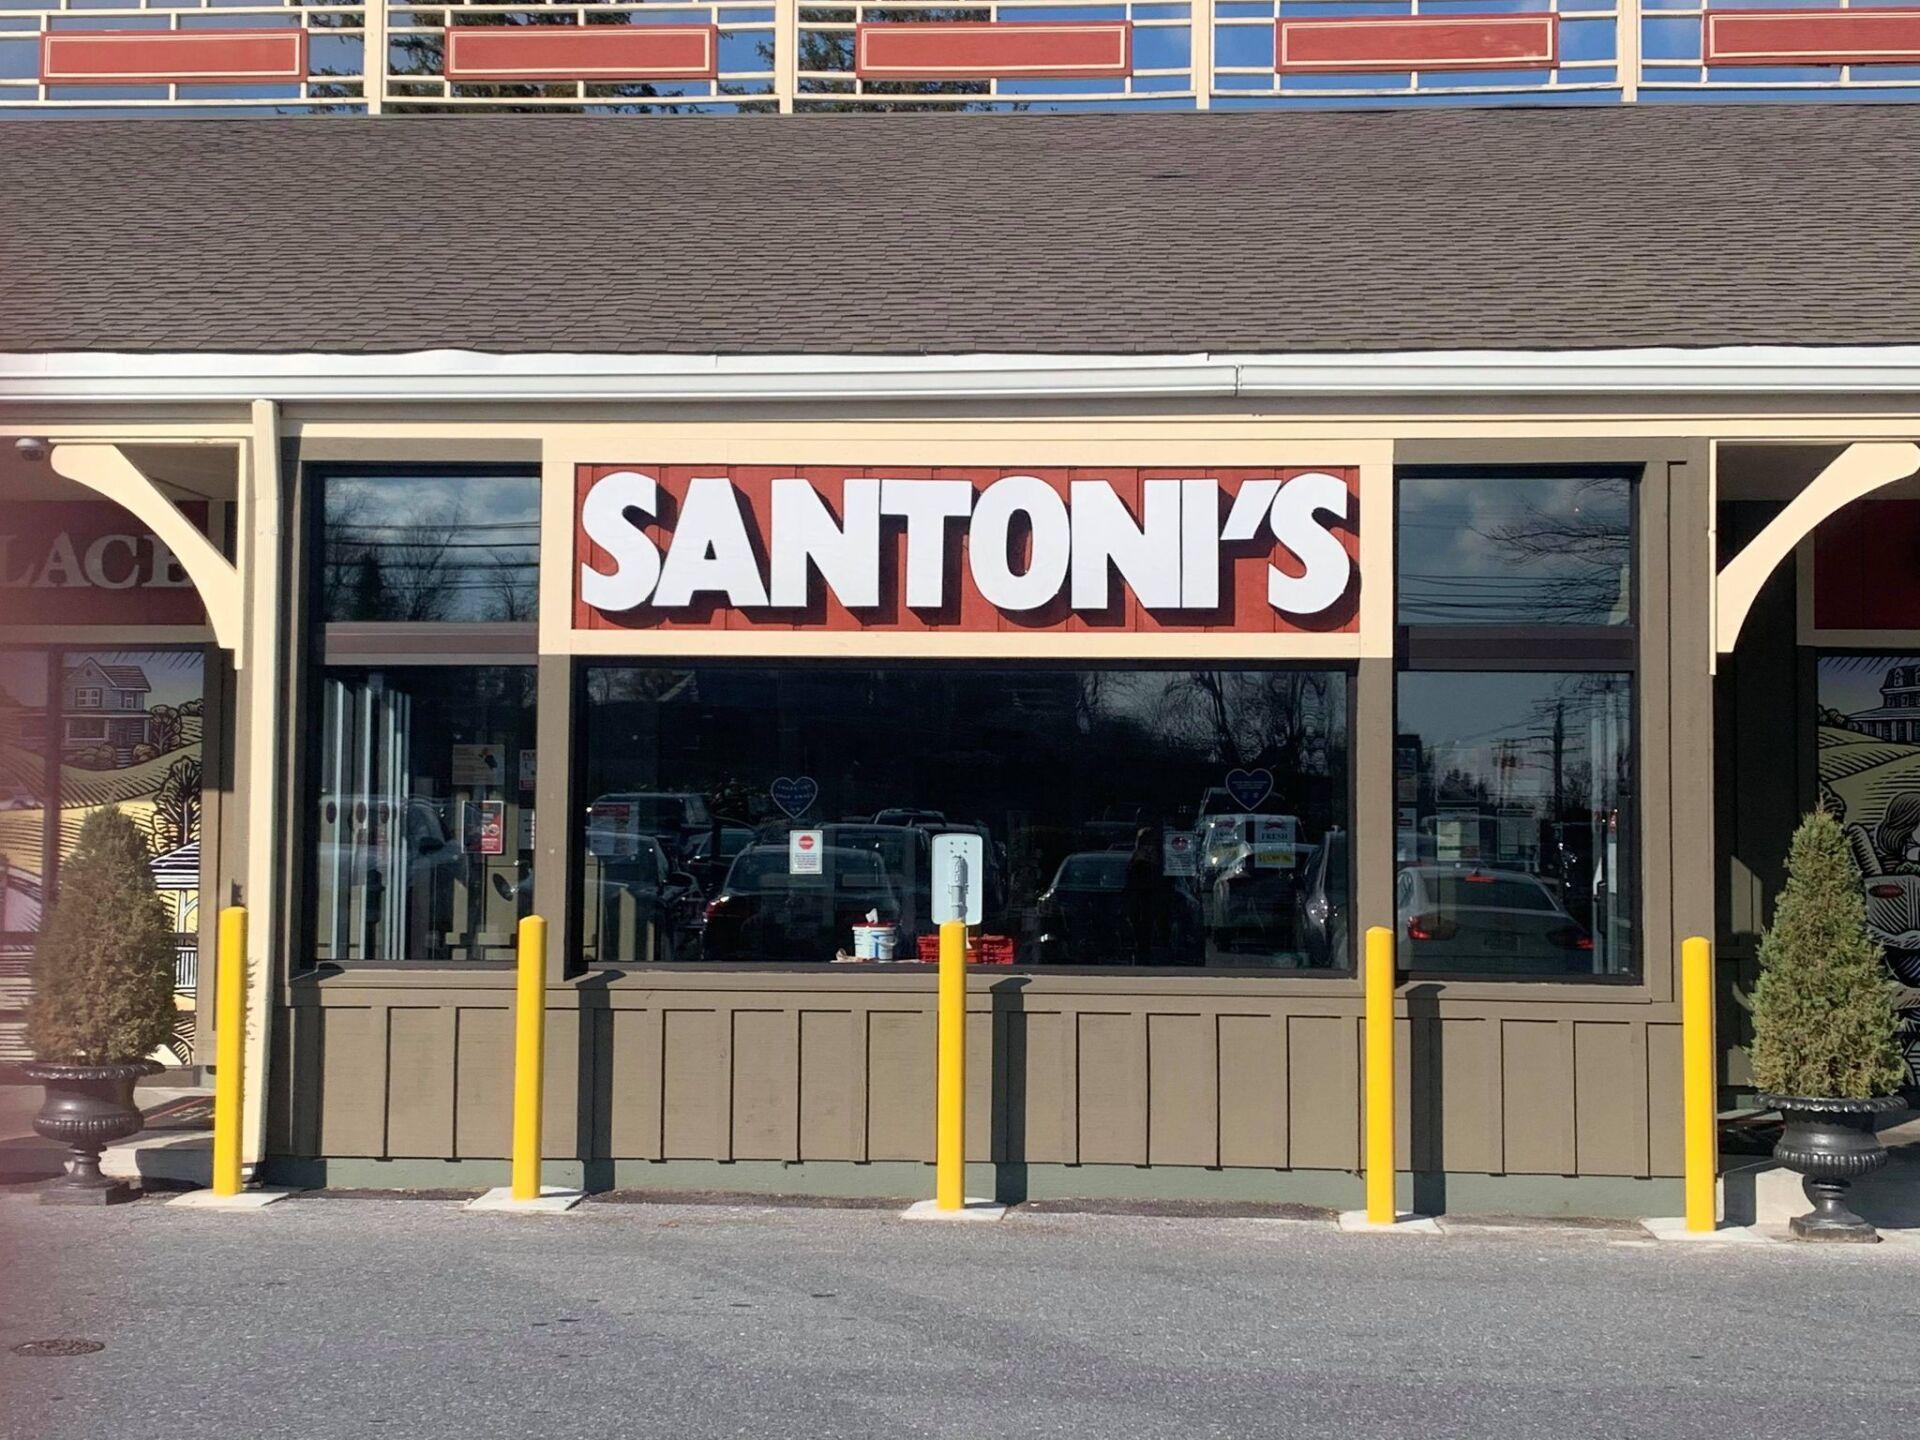 Santonis_2 (1).jpg